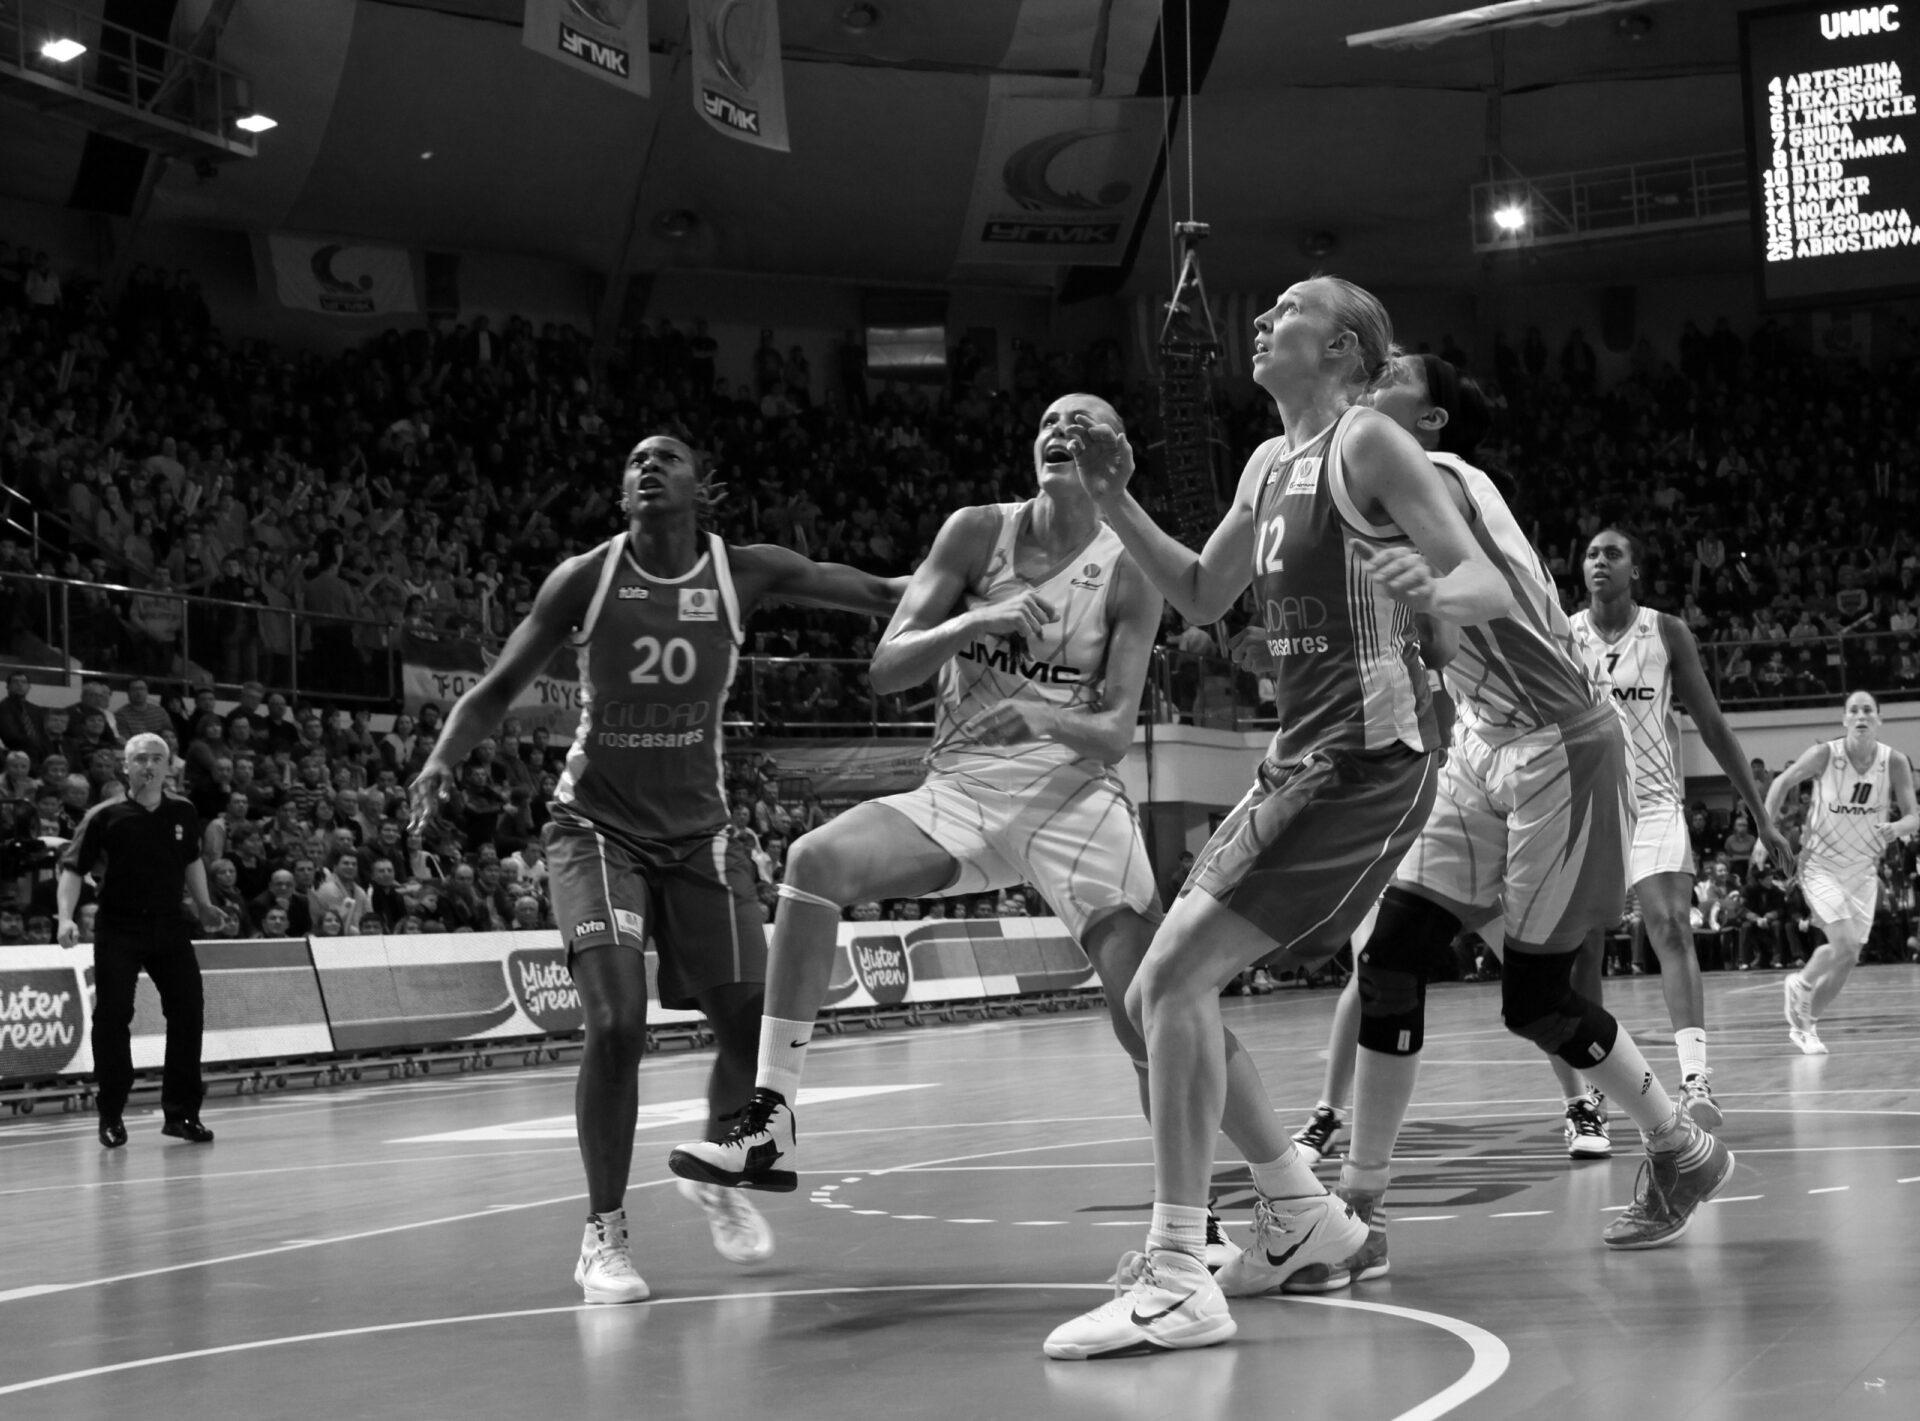 Баскетбол вЕкатеринбурге.